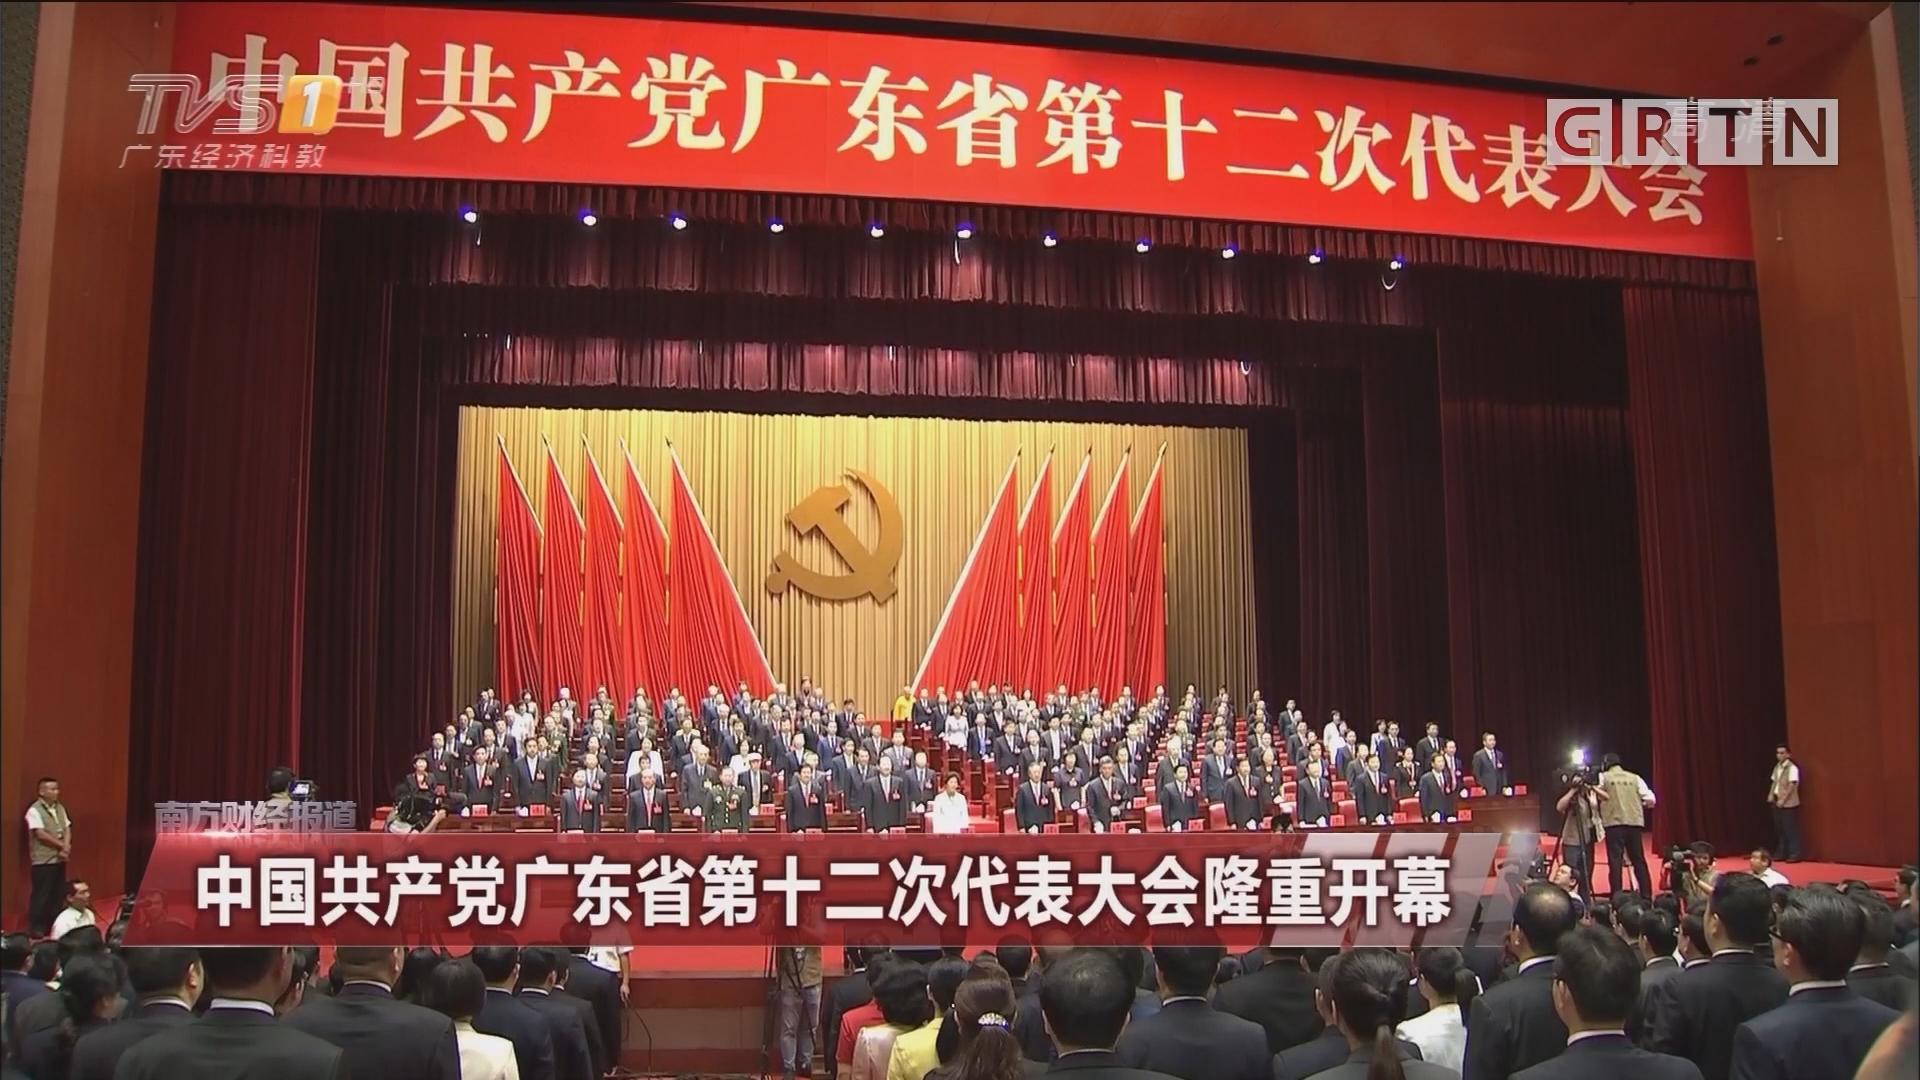 中国共产党广东省第十二次代表大会隆重开幕